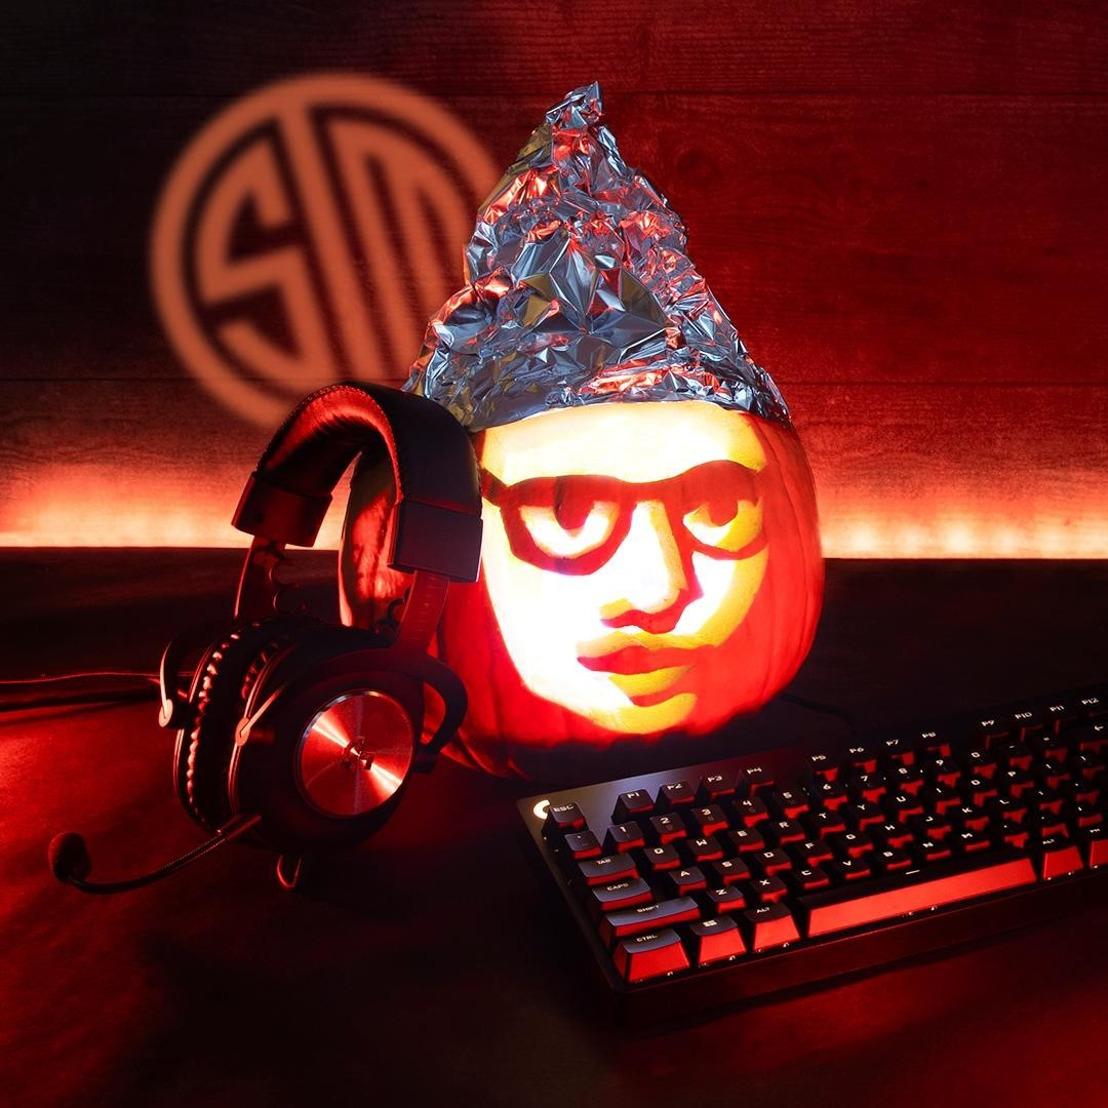 Maximiza el sonido de los videojuegos de terror con tus audífonos